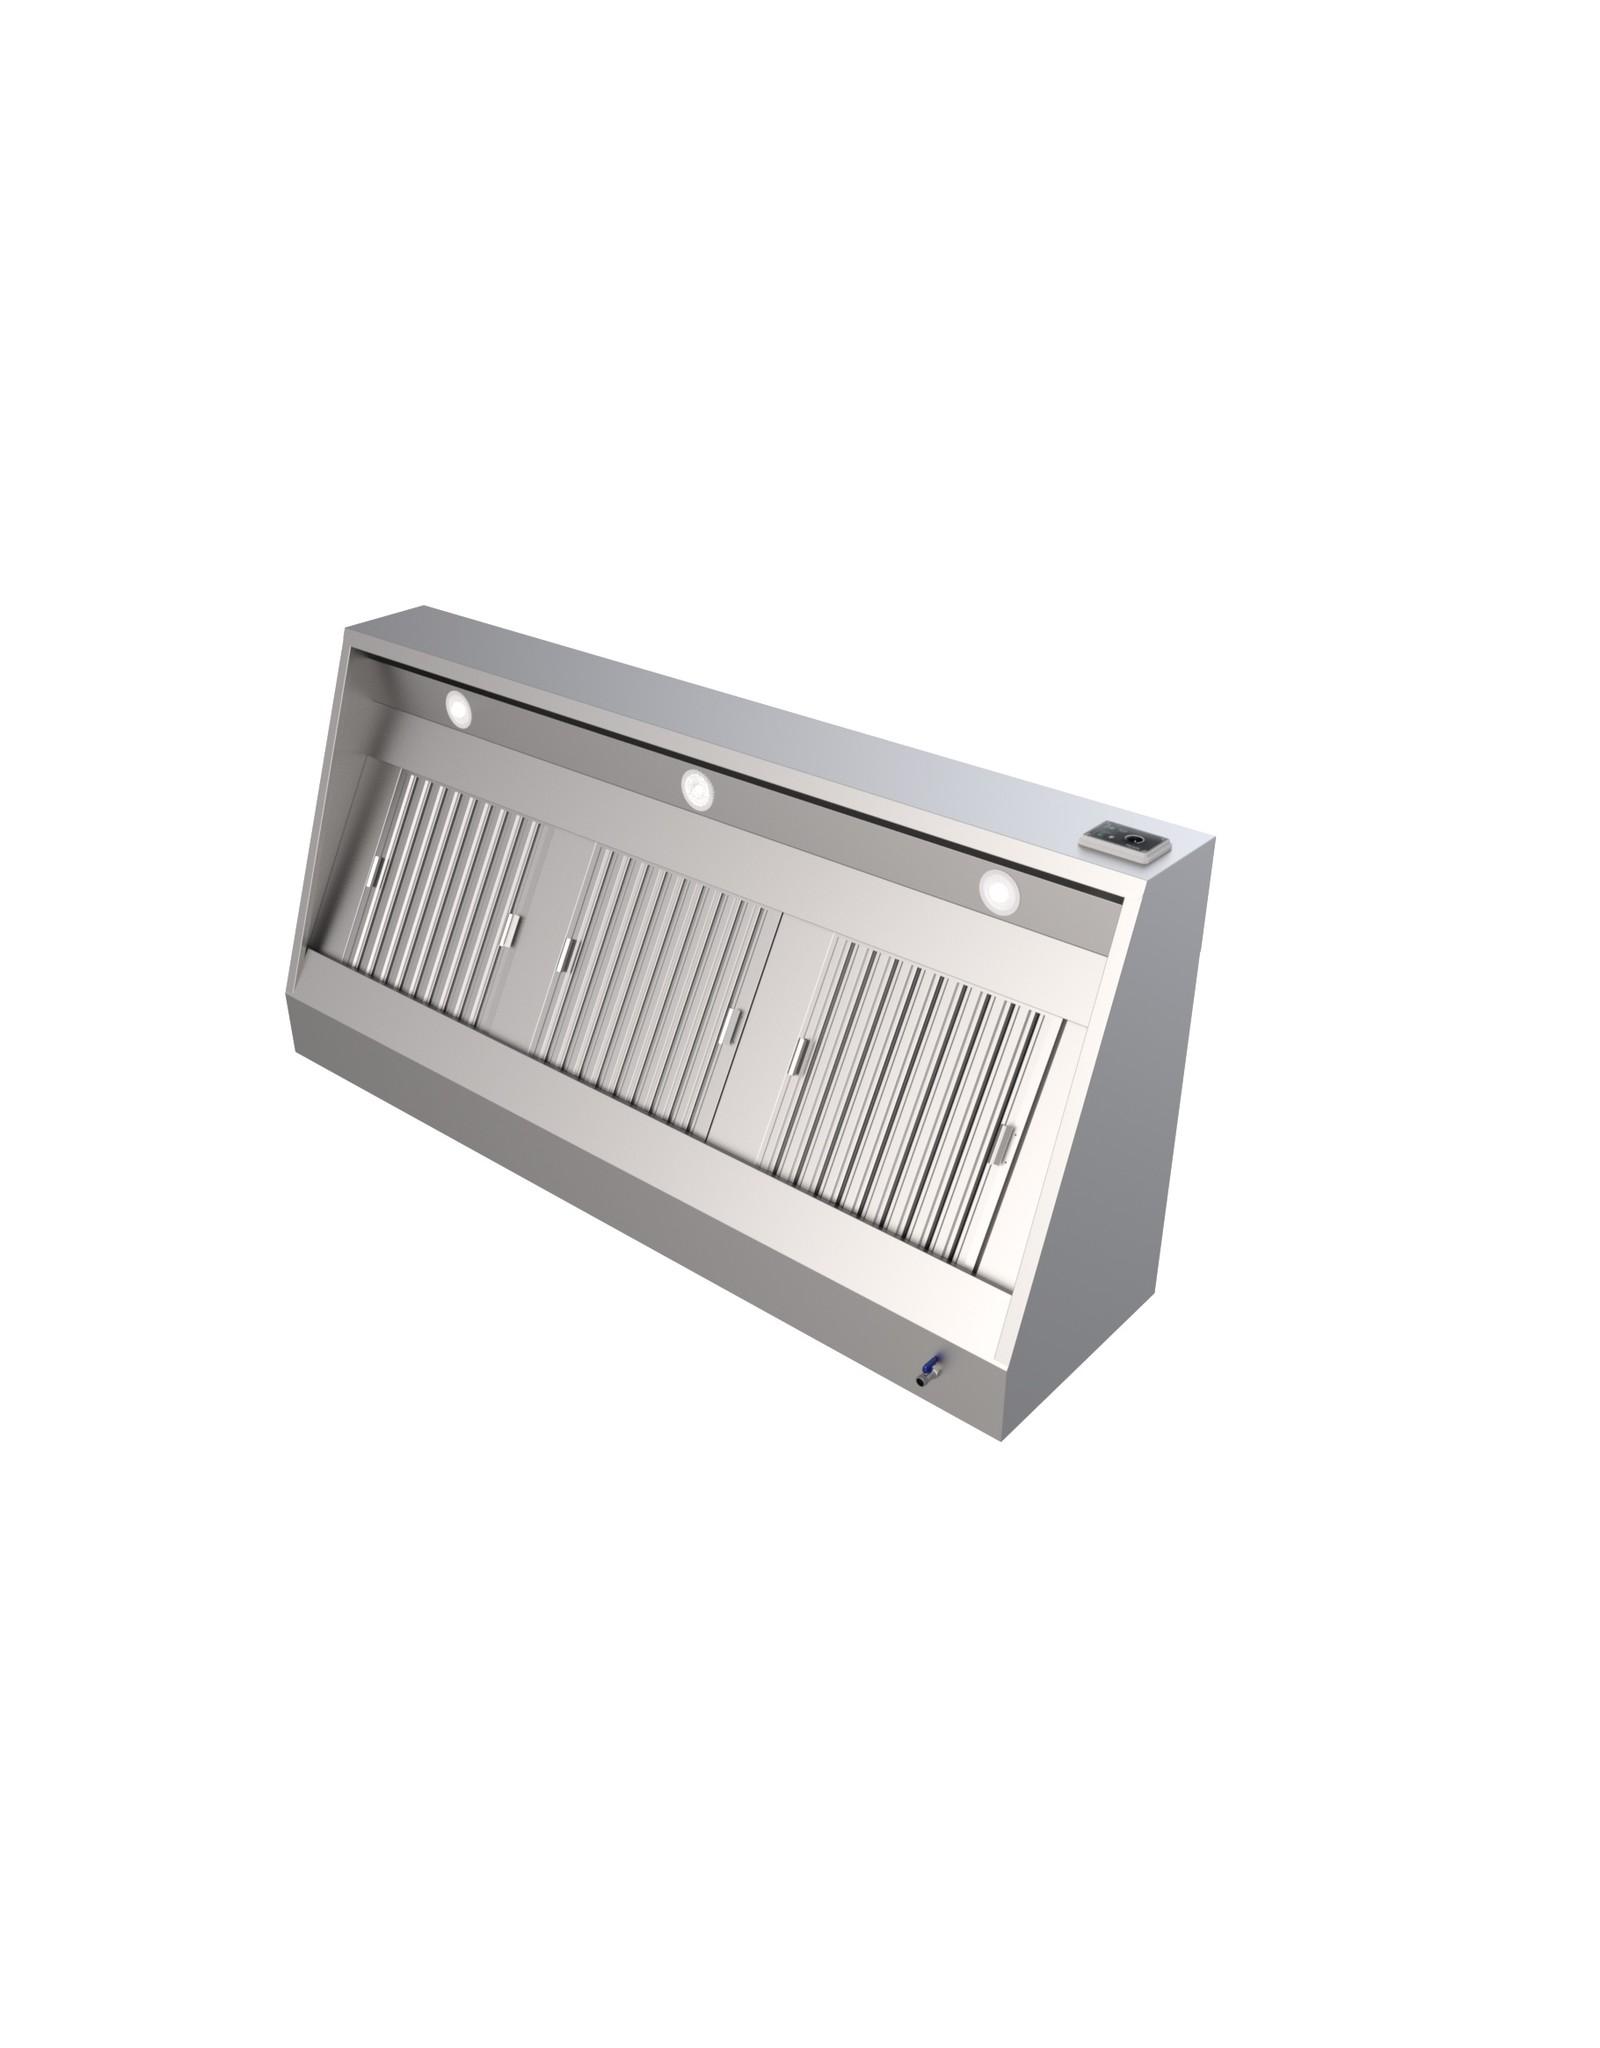 Q-Gastro RVS Afzuigkap NIEUW!! Verlichting+motor +regelaar +filter 200x70x54